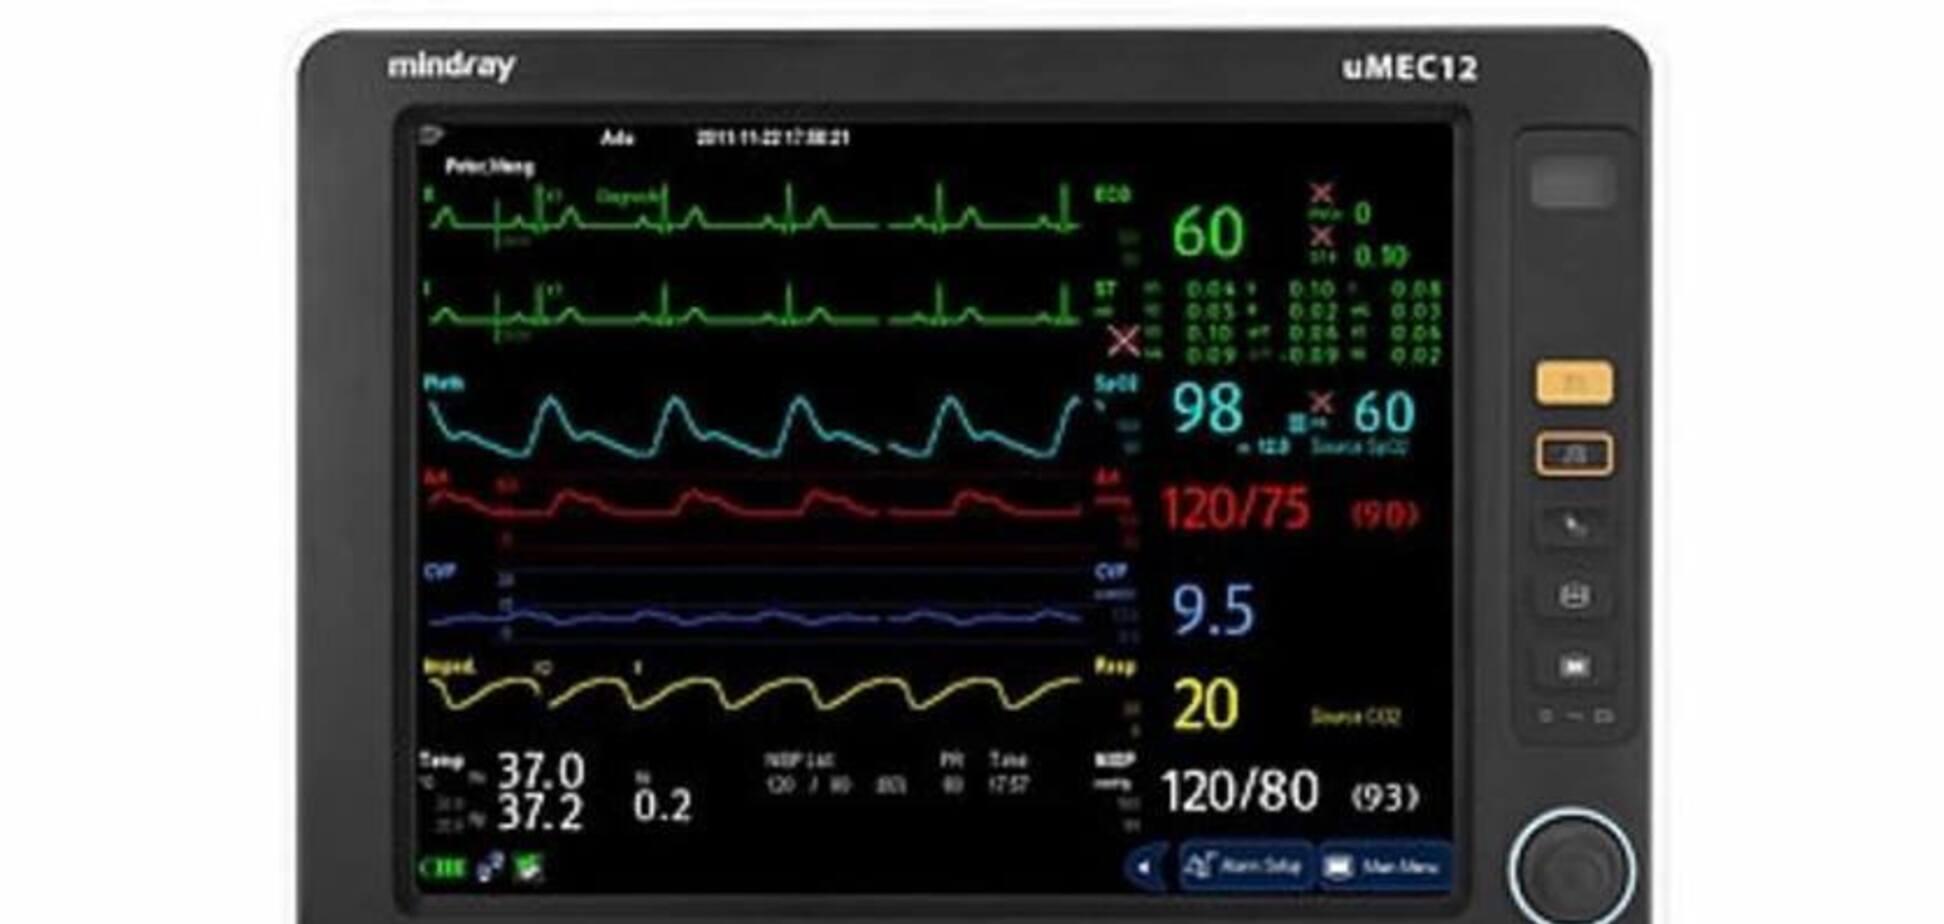 Нужен монитор в реанимацию госпиталя. Поможем?